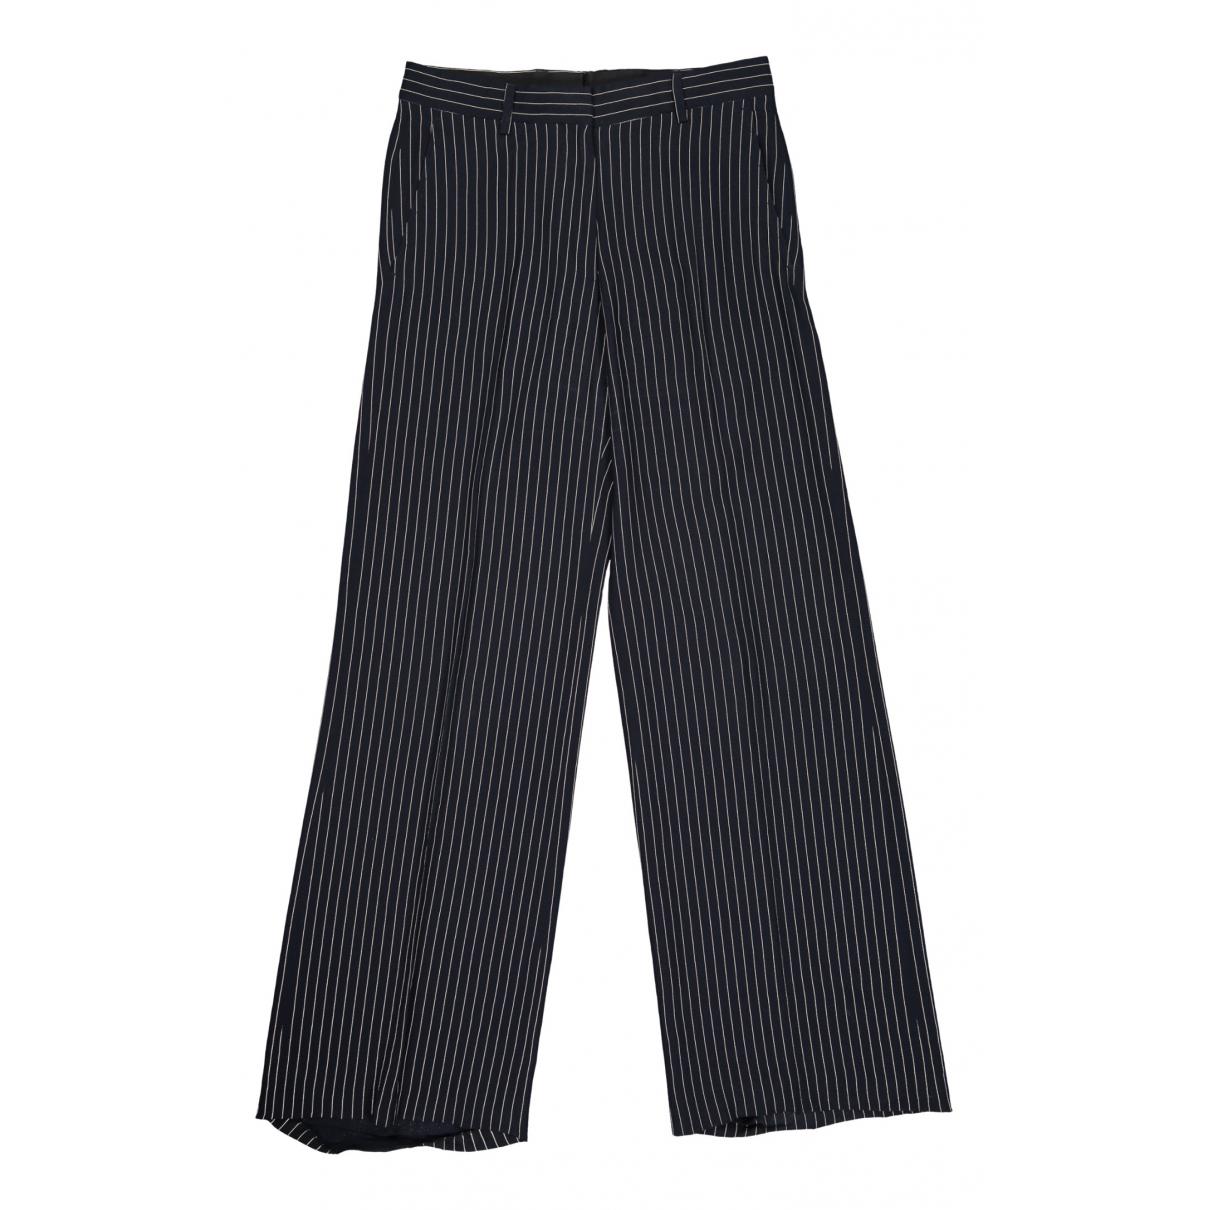 Dries Van Noten N Black Trousers for Women 36 FR